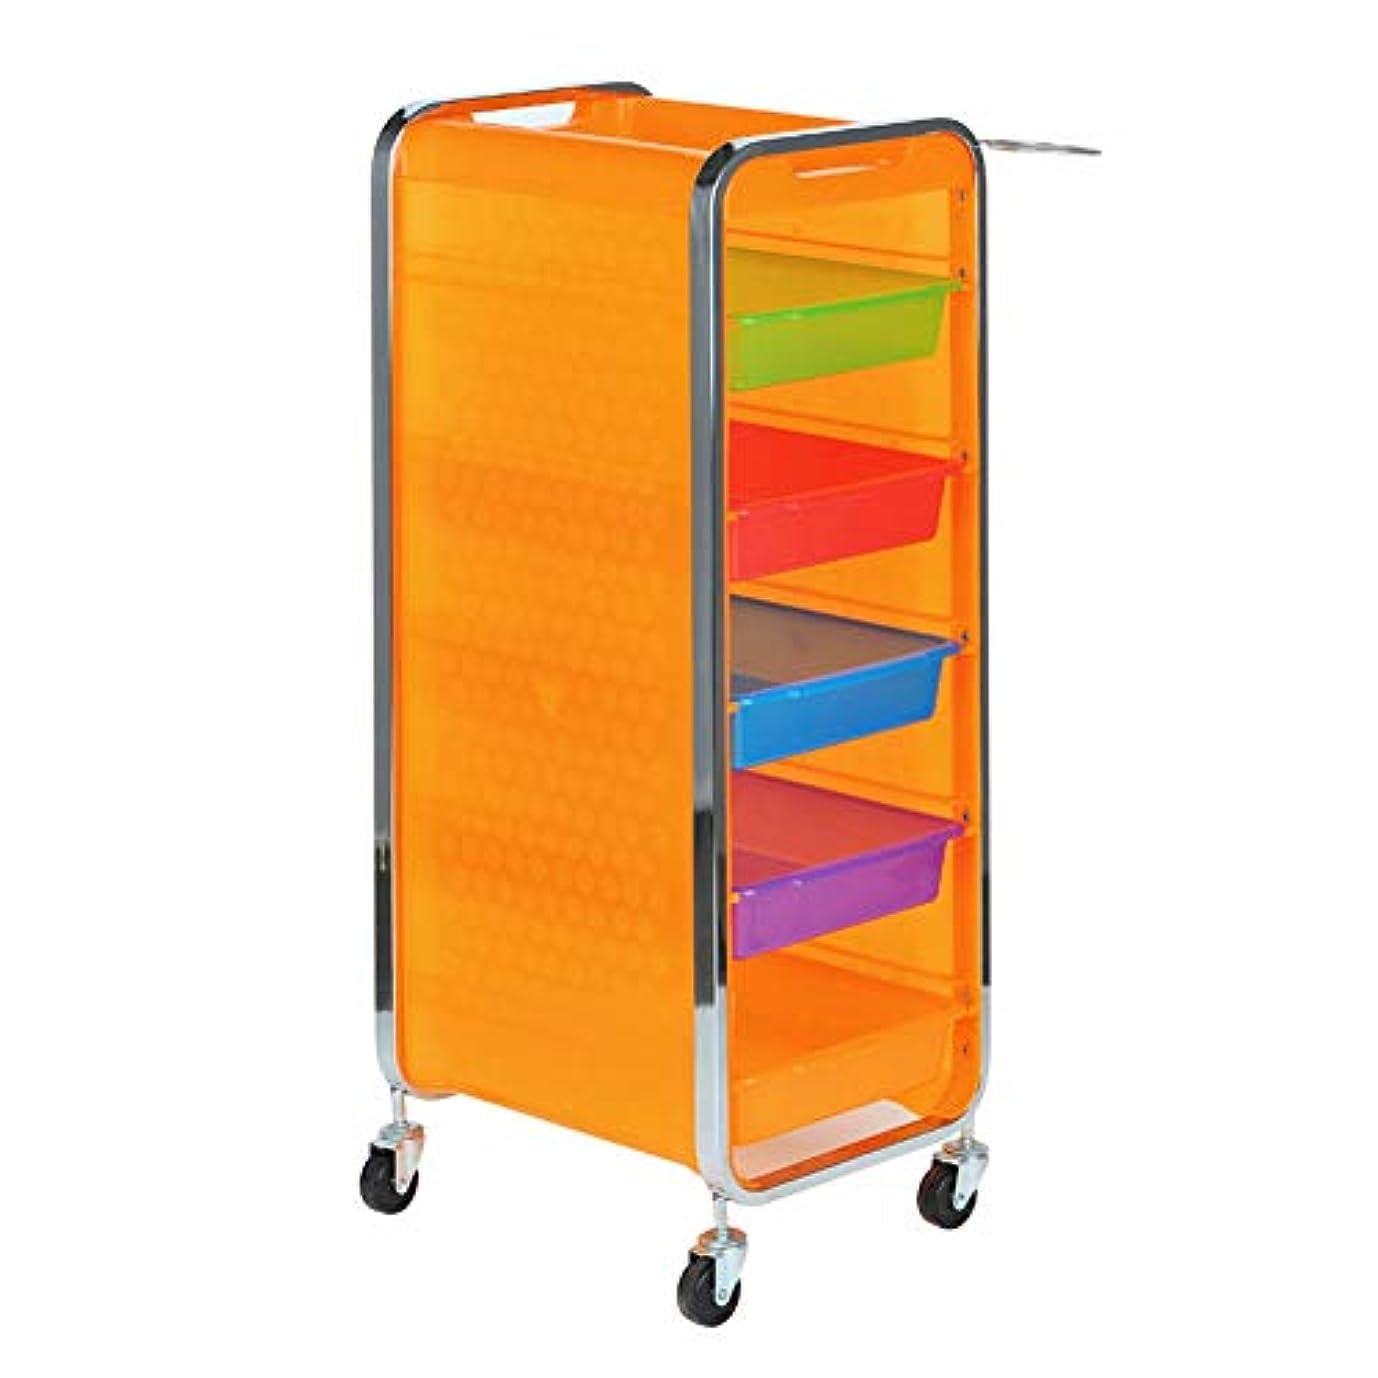 アクセシブル埋めるお酒サロン美容院トロリー美容美容収納カート6層トレイ多機能引き出し虹色,Orange,B